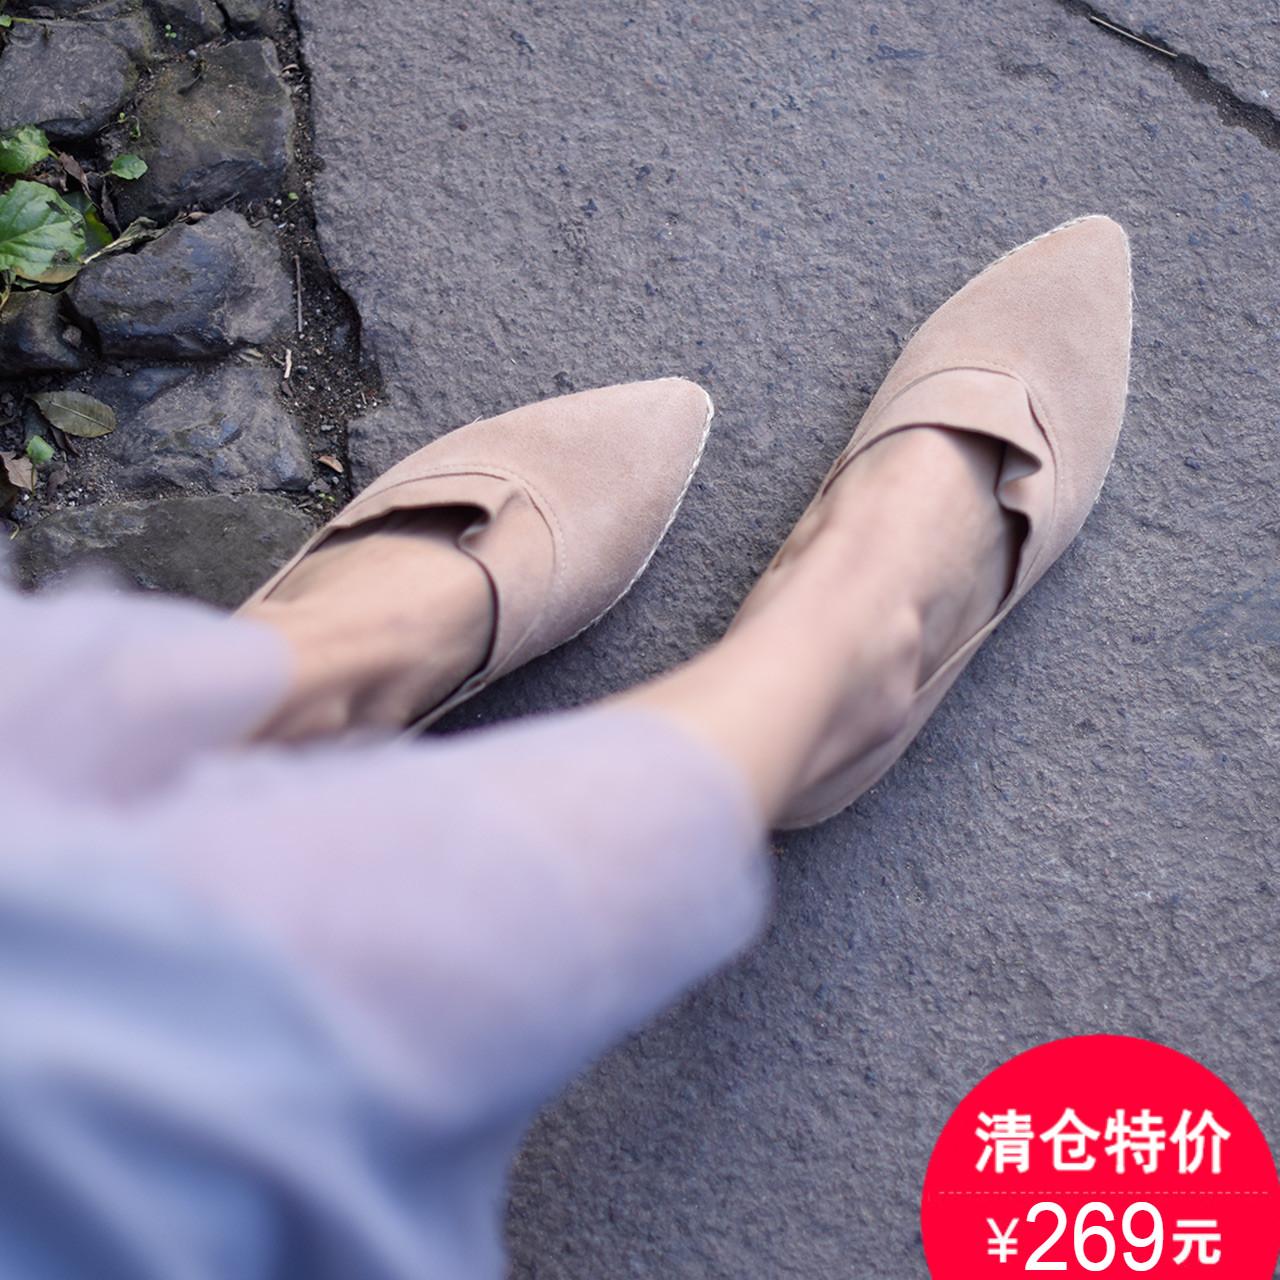 低跟坡跟鞋 Artmu阿木原创森女尖头低跟单鞋女2018春季新款真皮编织坡跟女鞋_推荐淘宝好看的低跟坡跟鞋